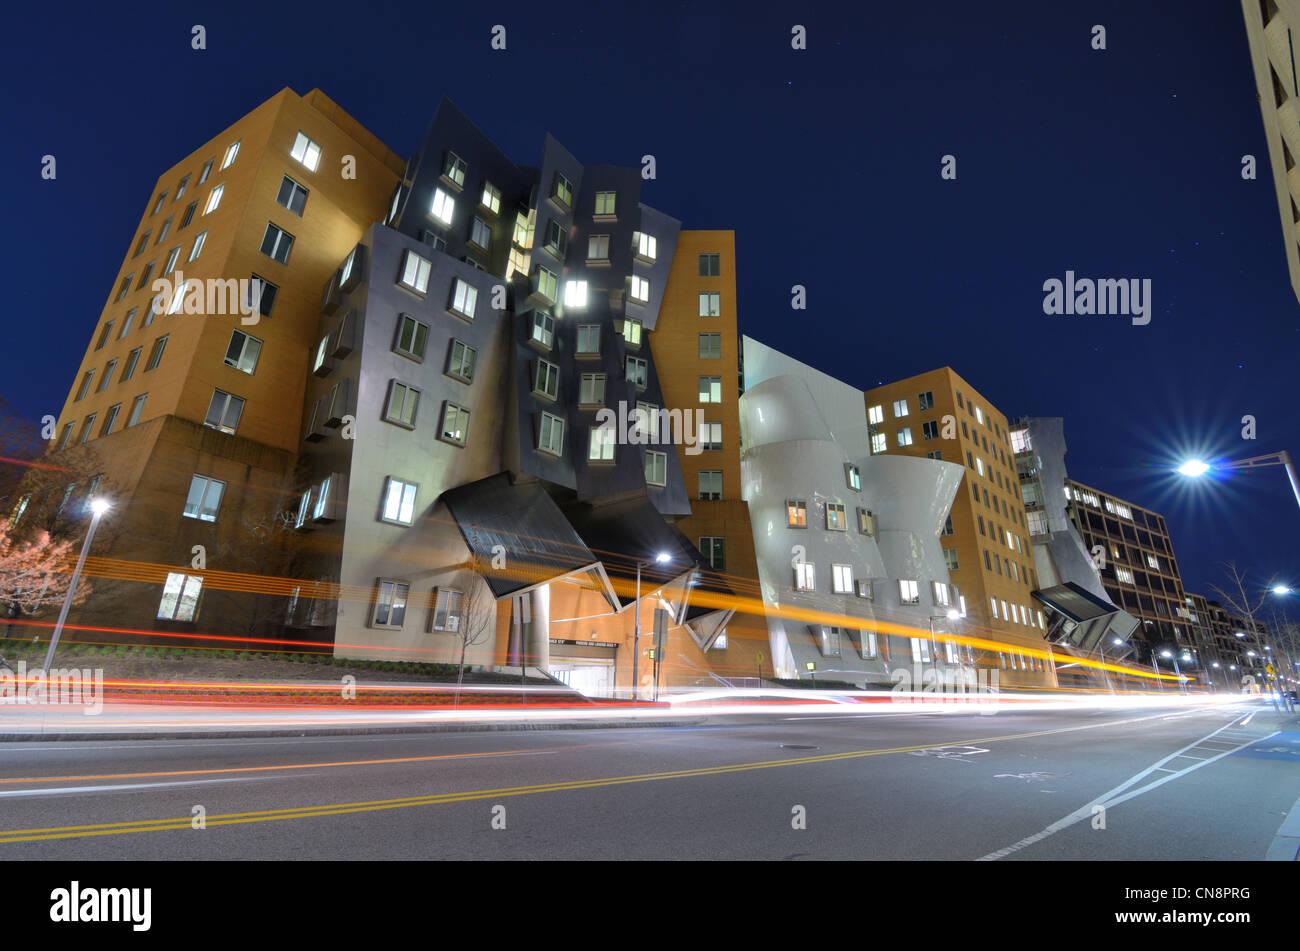 Ray e Maria stata Center sul campus del MIT costruita dalla premiata architettura Frank Gehry. Immagini Stock